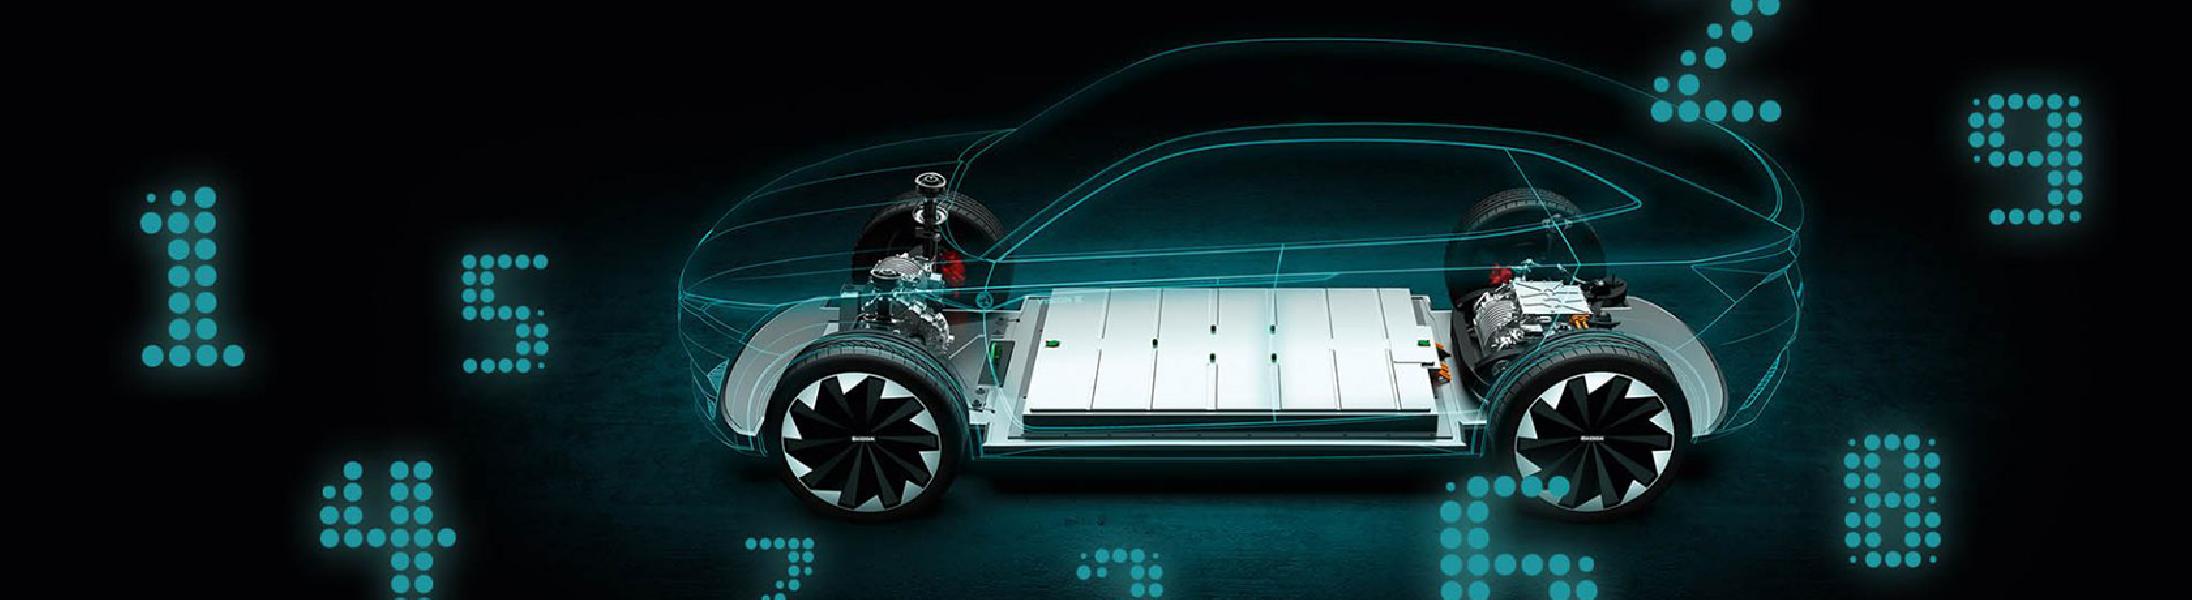 10 domande (e risposte) sulle auto elettriche